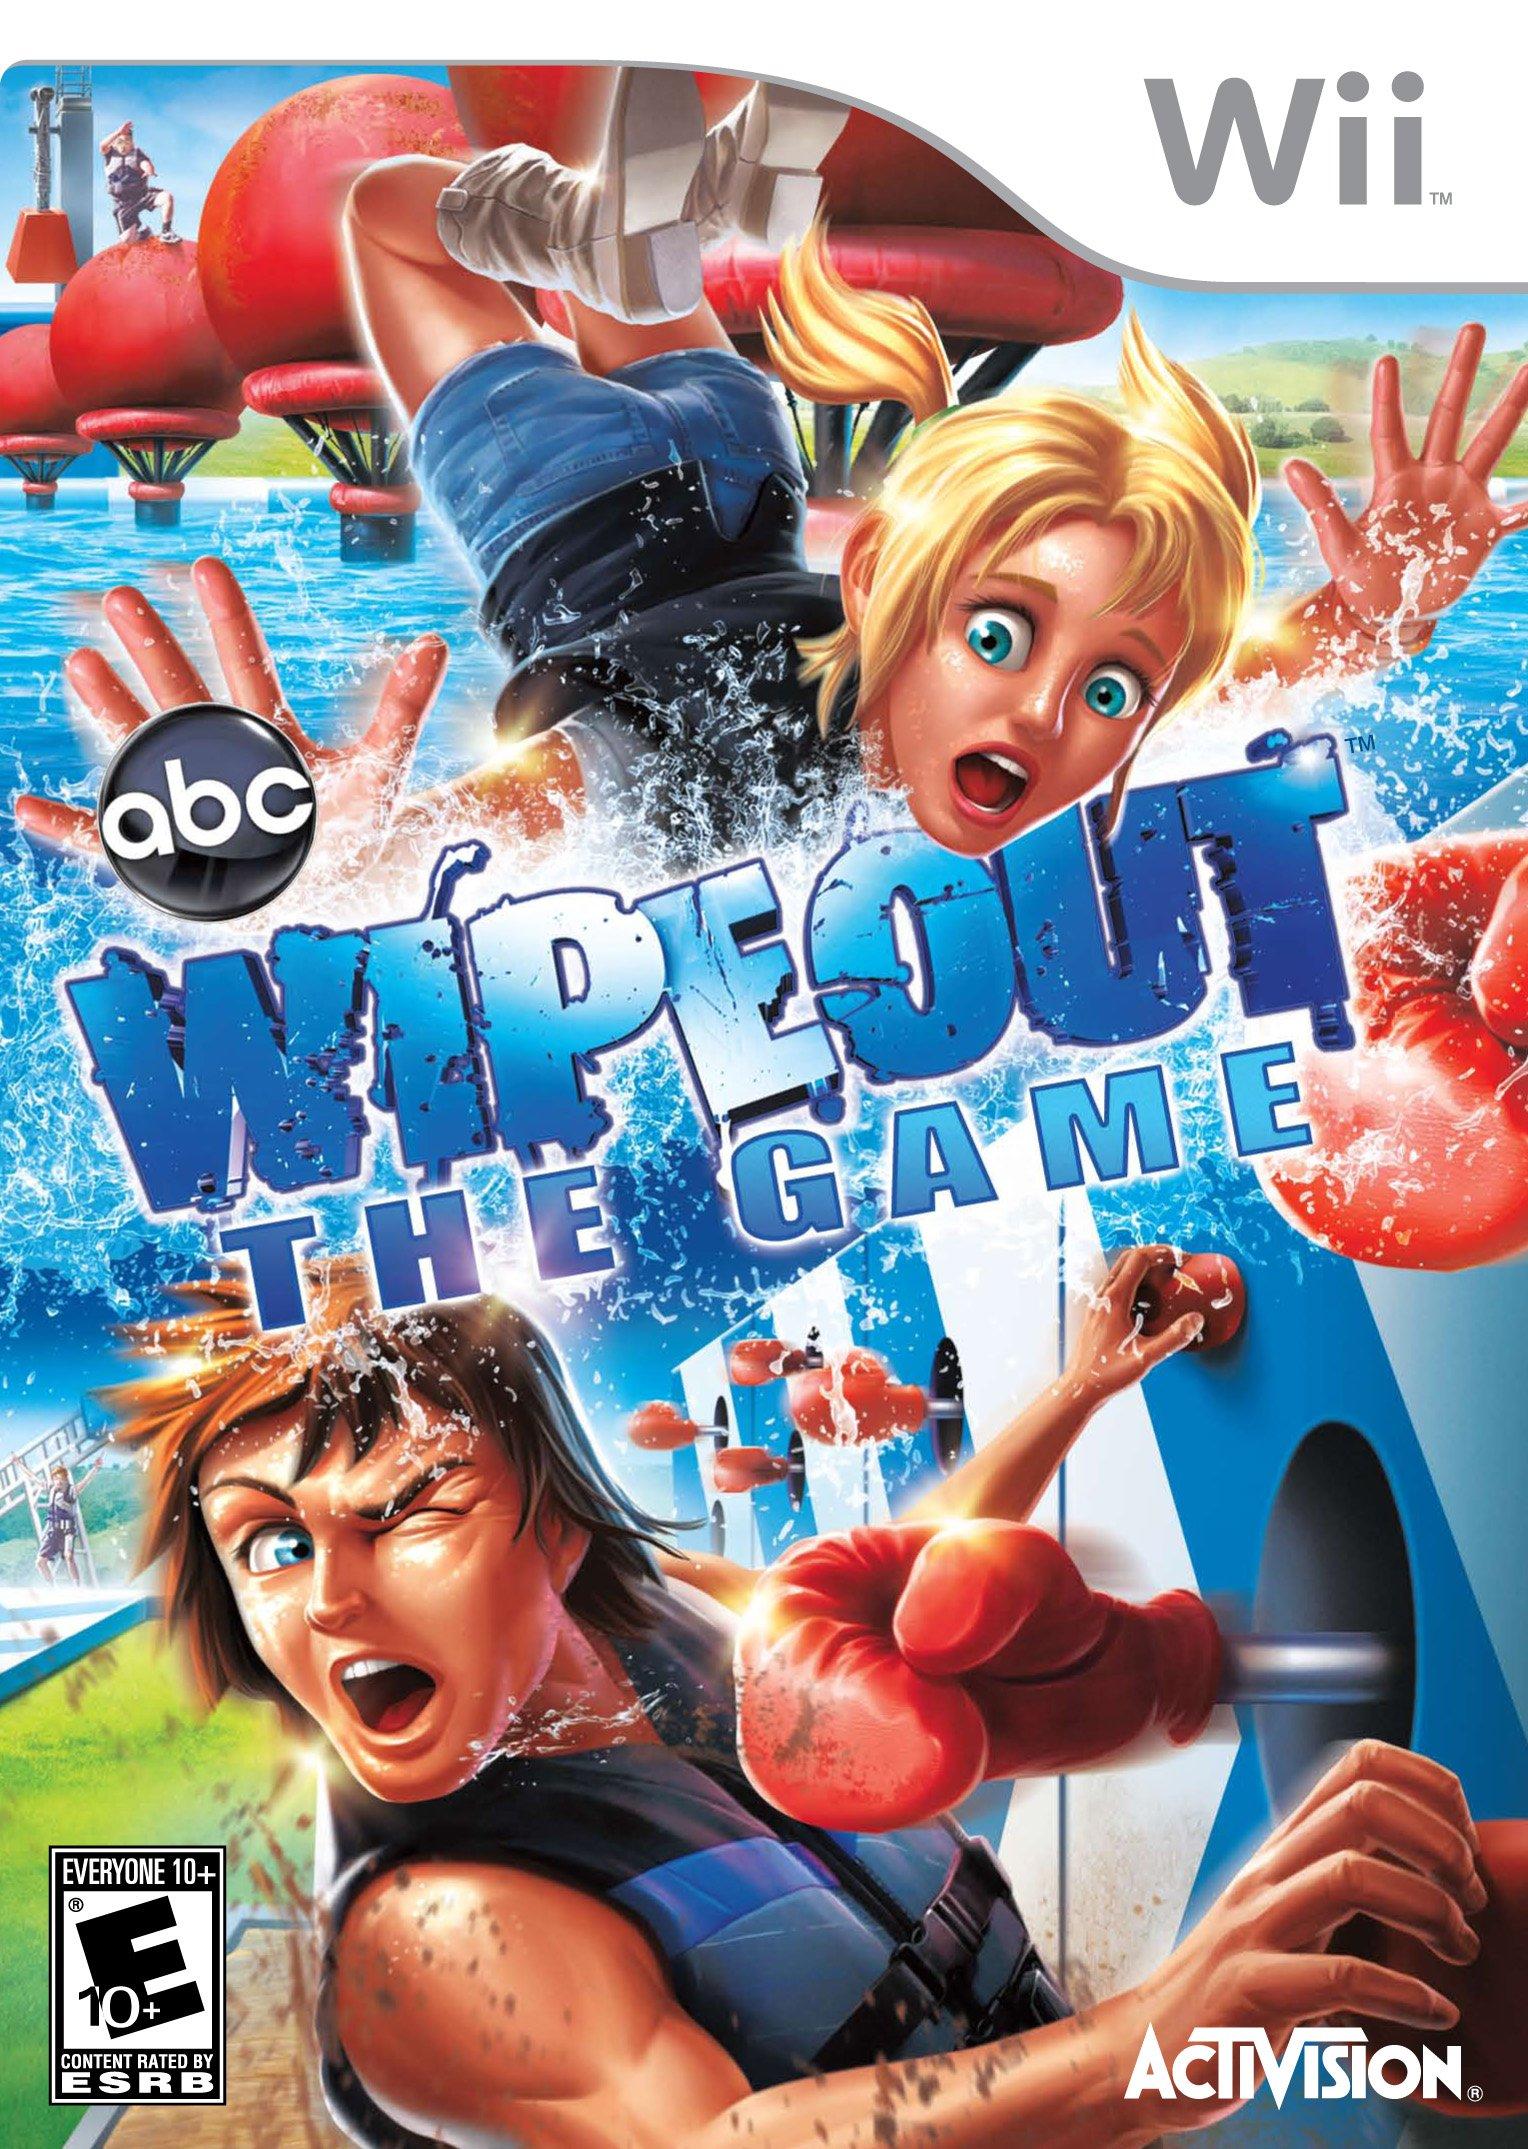 Wii release date in Melbourne